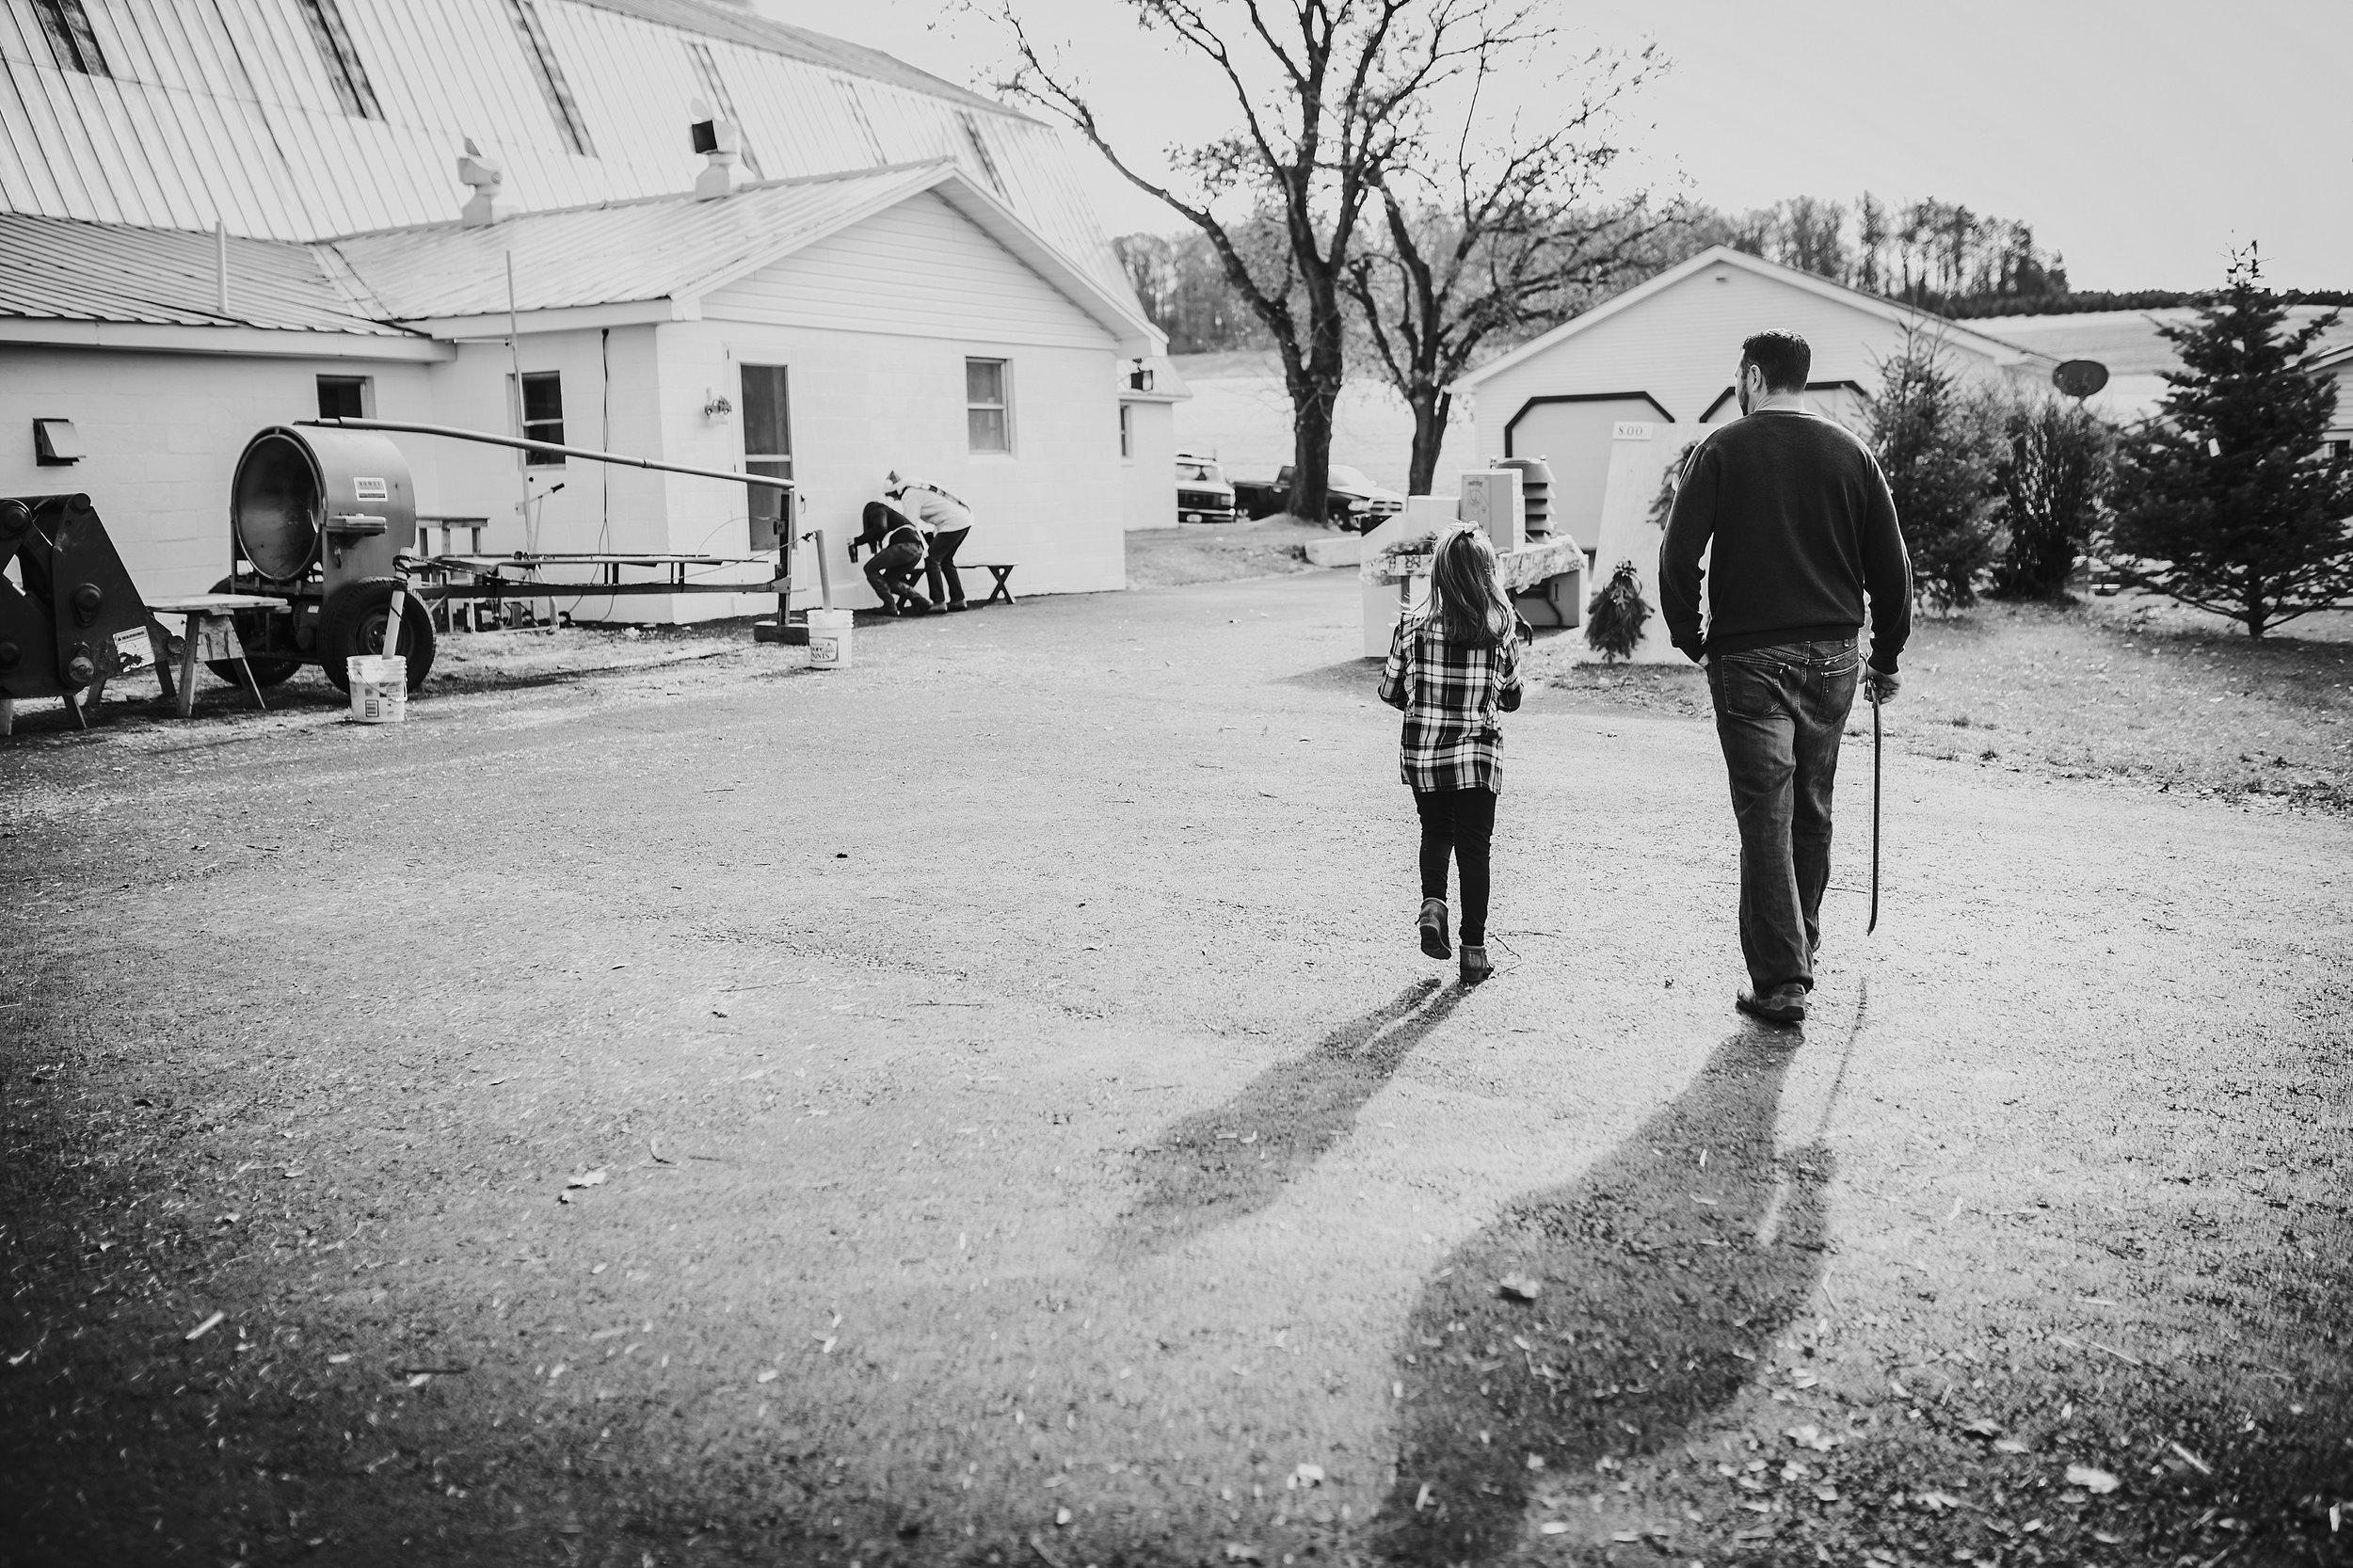 Lehigh-Valley-Documentary-Family-Photographer_0072.jpg